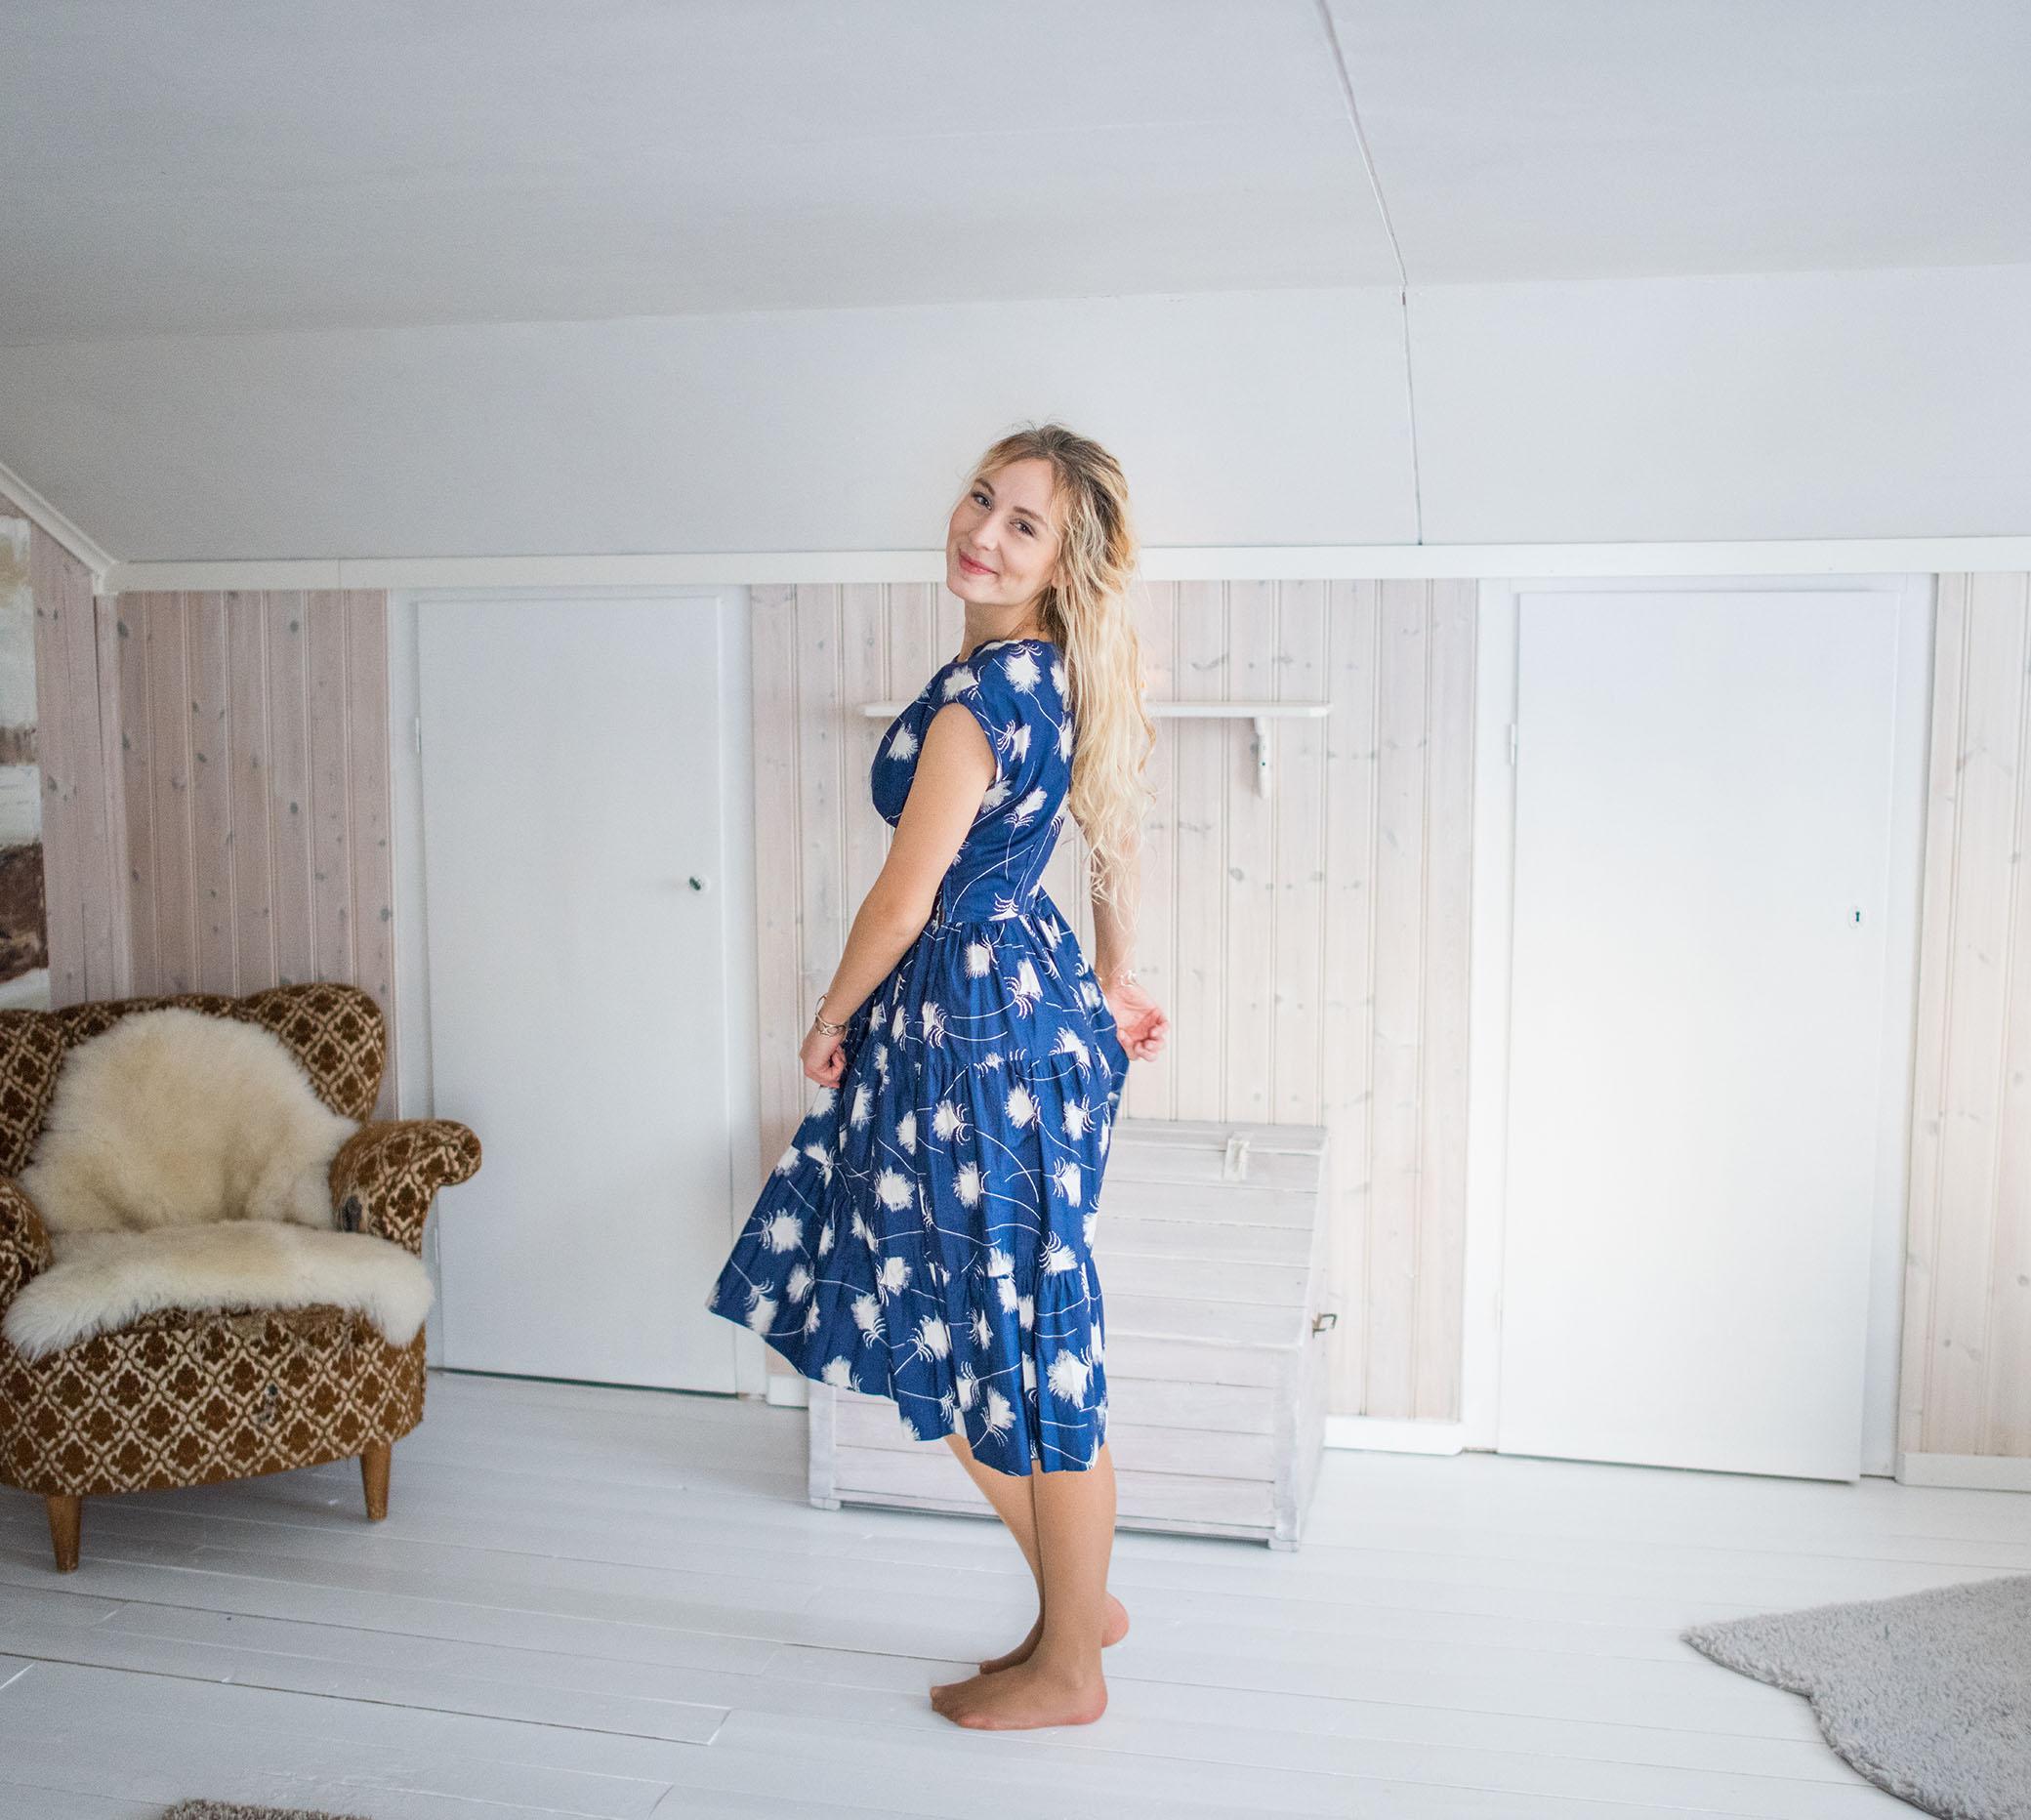 f412626ad275 Och sen köpte jag den här vackra blå klänningen, med mönster av vad jag  tror är en av mina absoluta favoritblommor!! Jag kallar dom för  bomullsblommor, ...